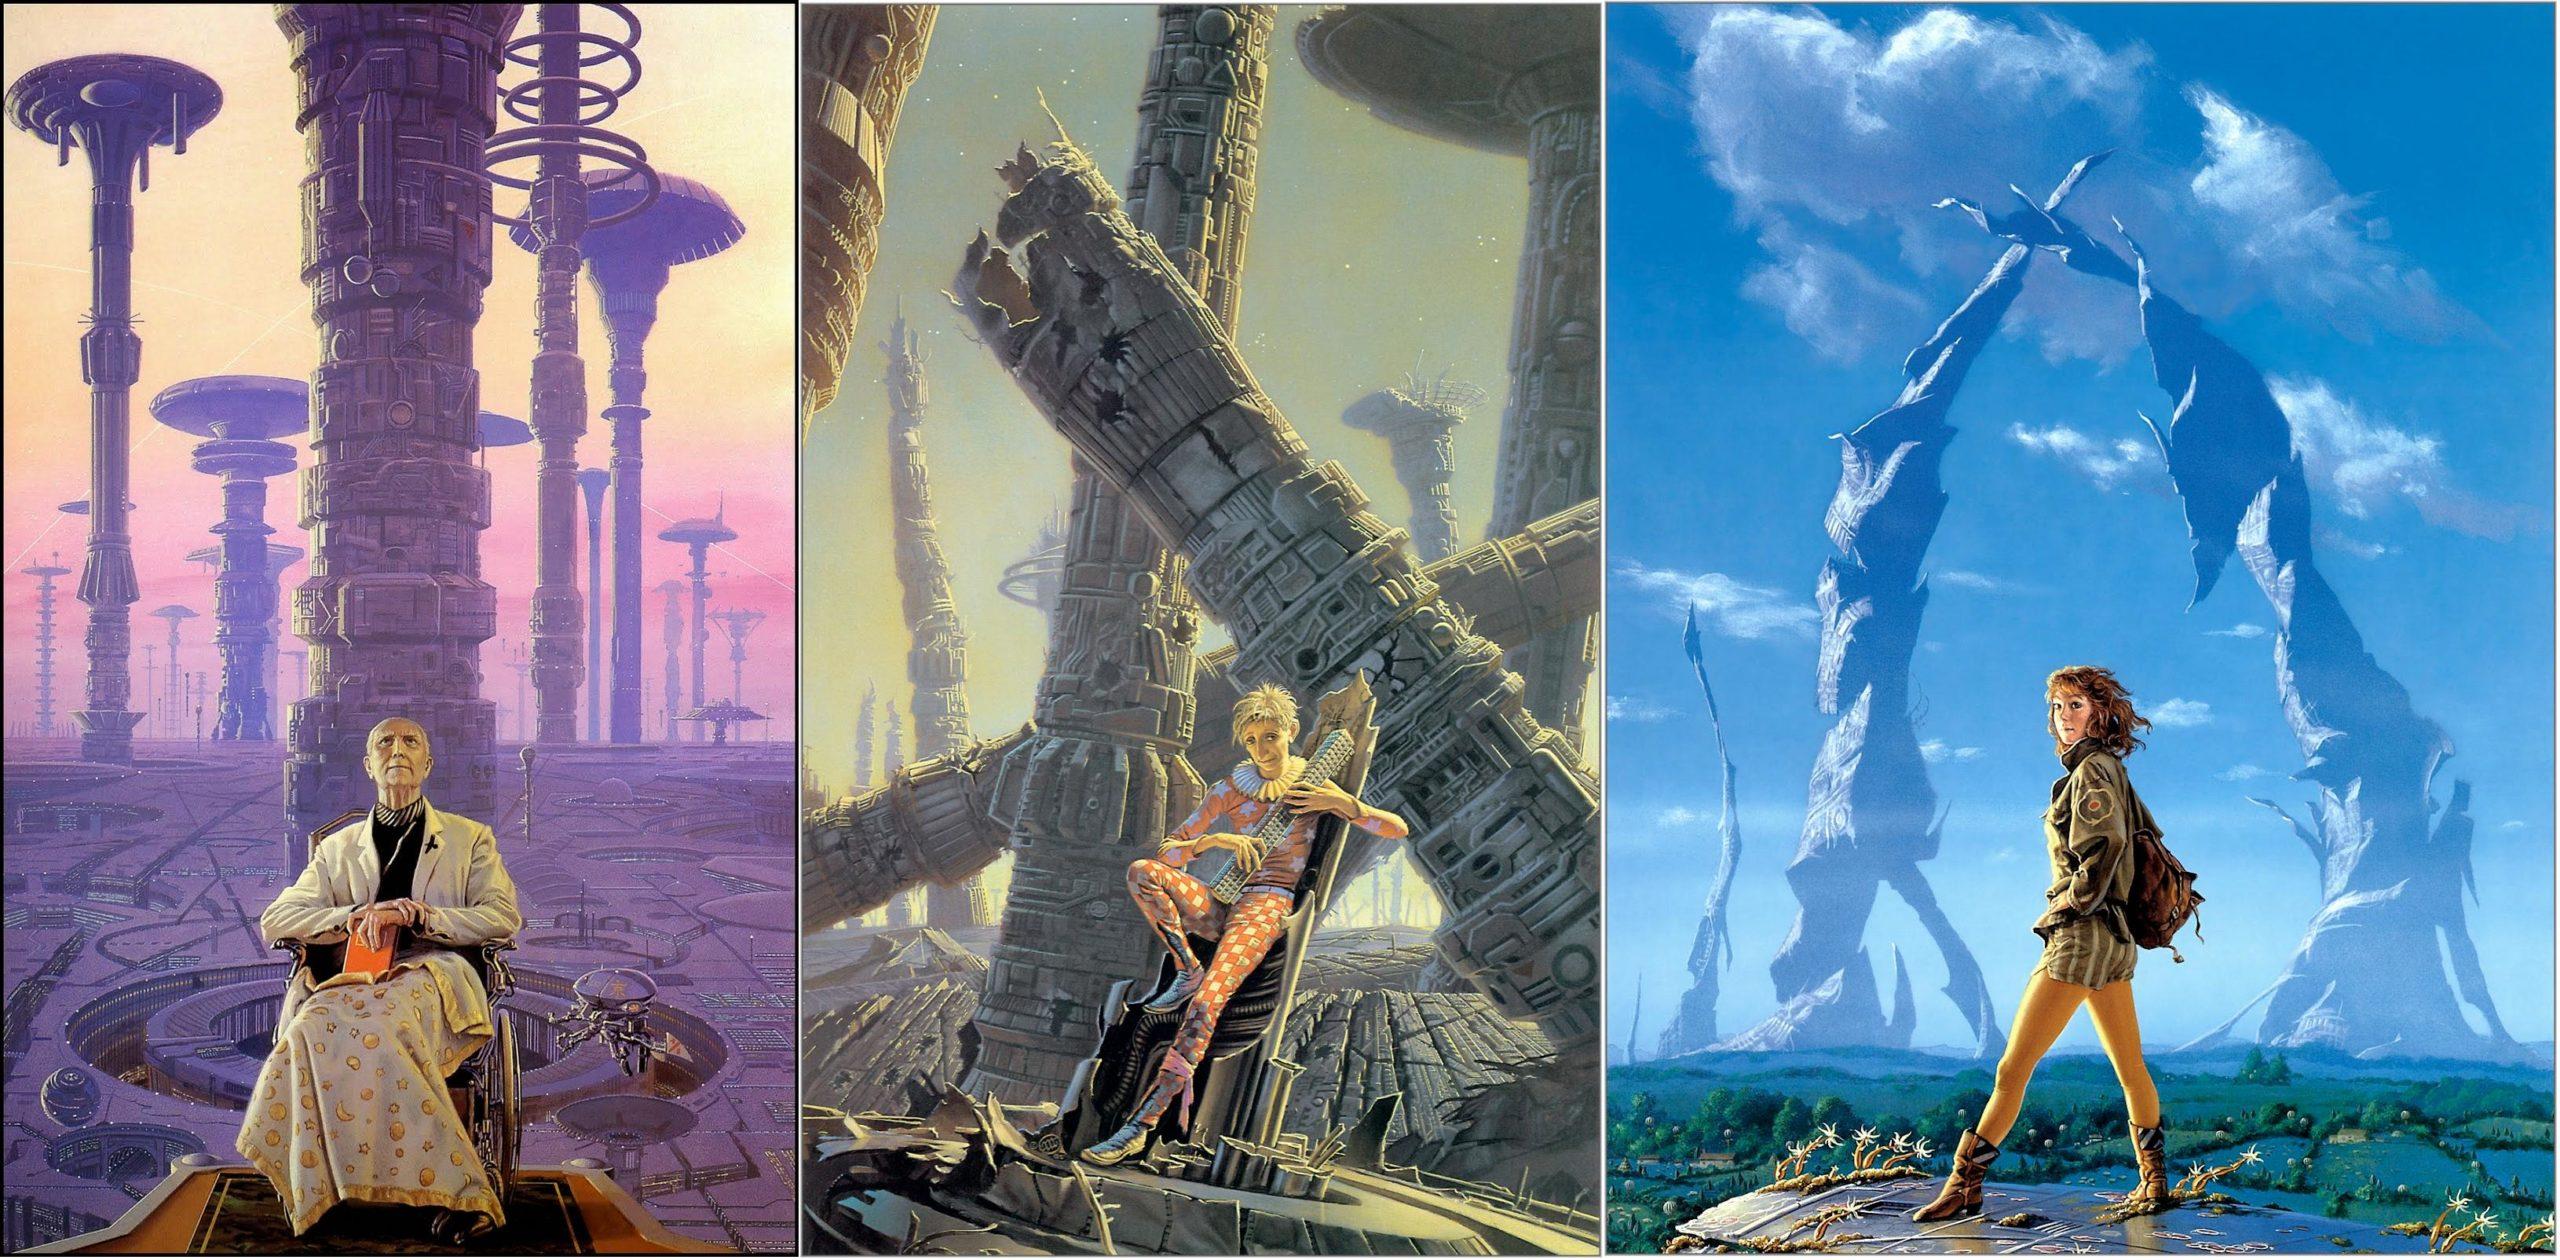 Michael Whelan Asimov Trilogy